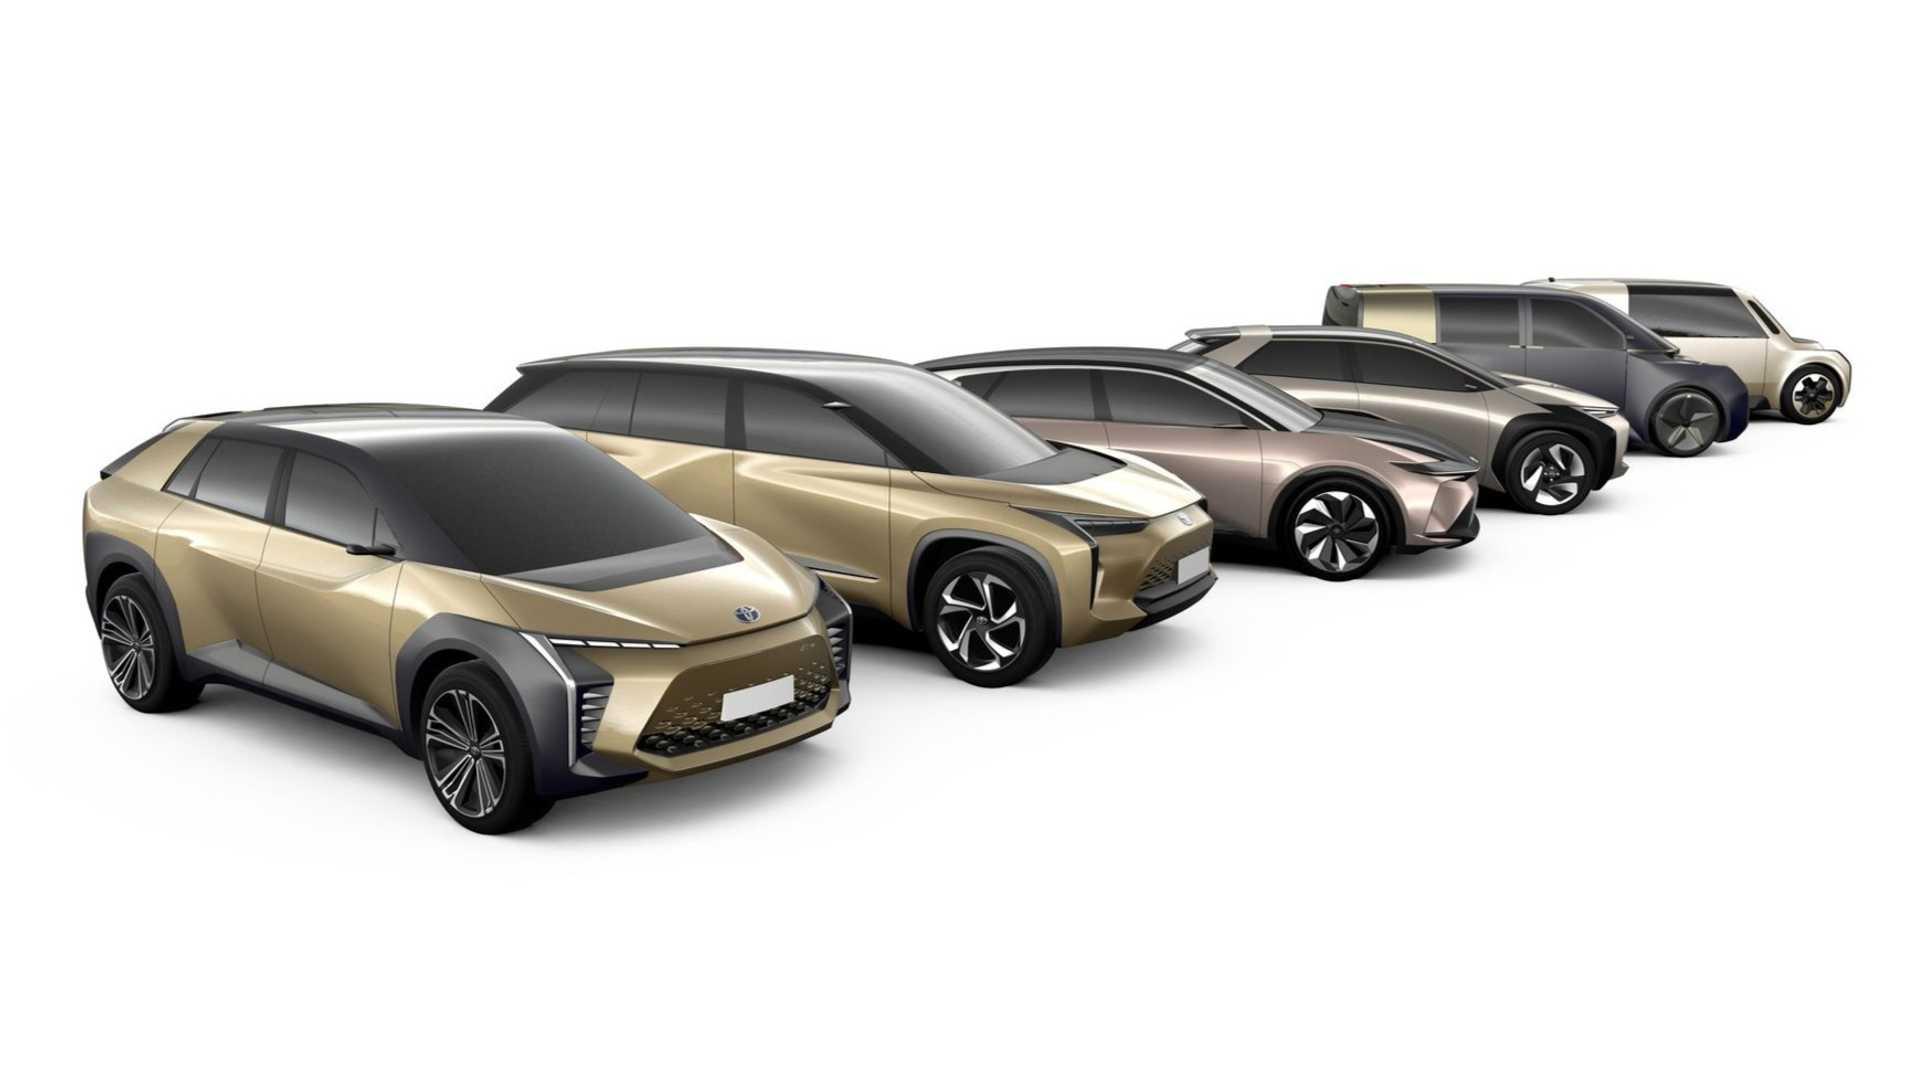 Toyota od sledeće godine ide u opštu elektrifikaciju s novom platformom (VIDEO)